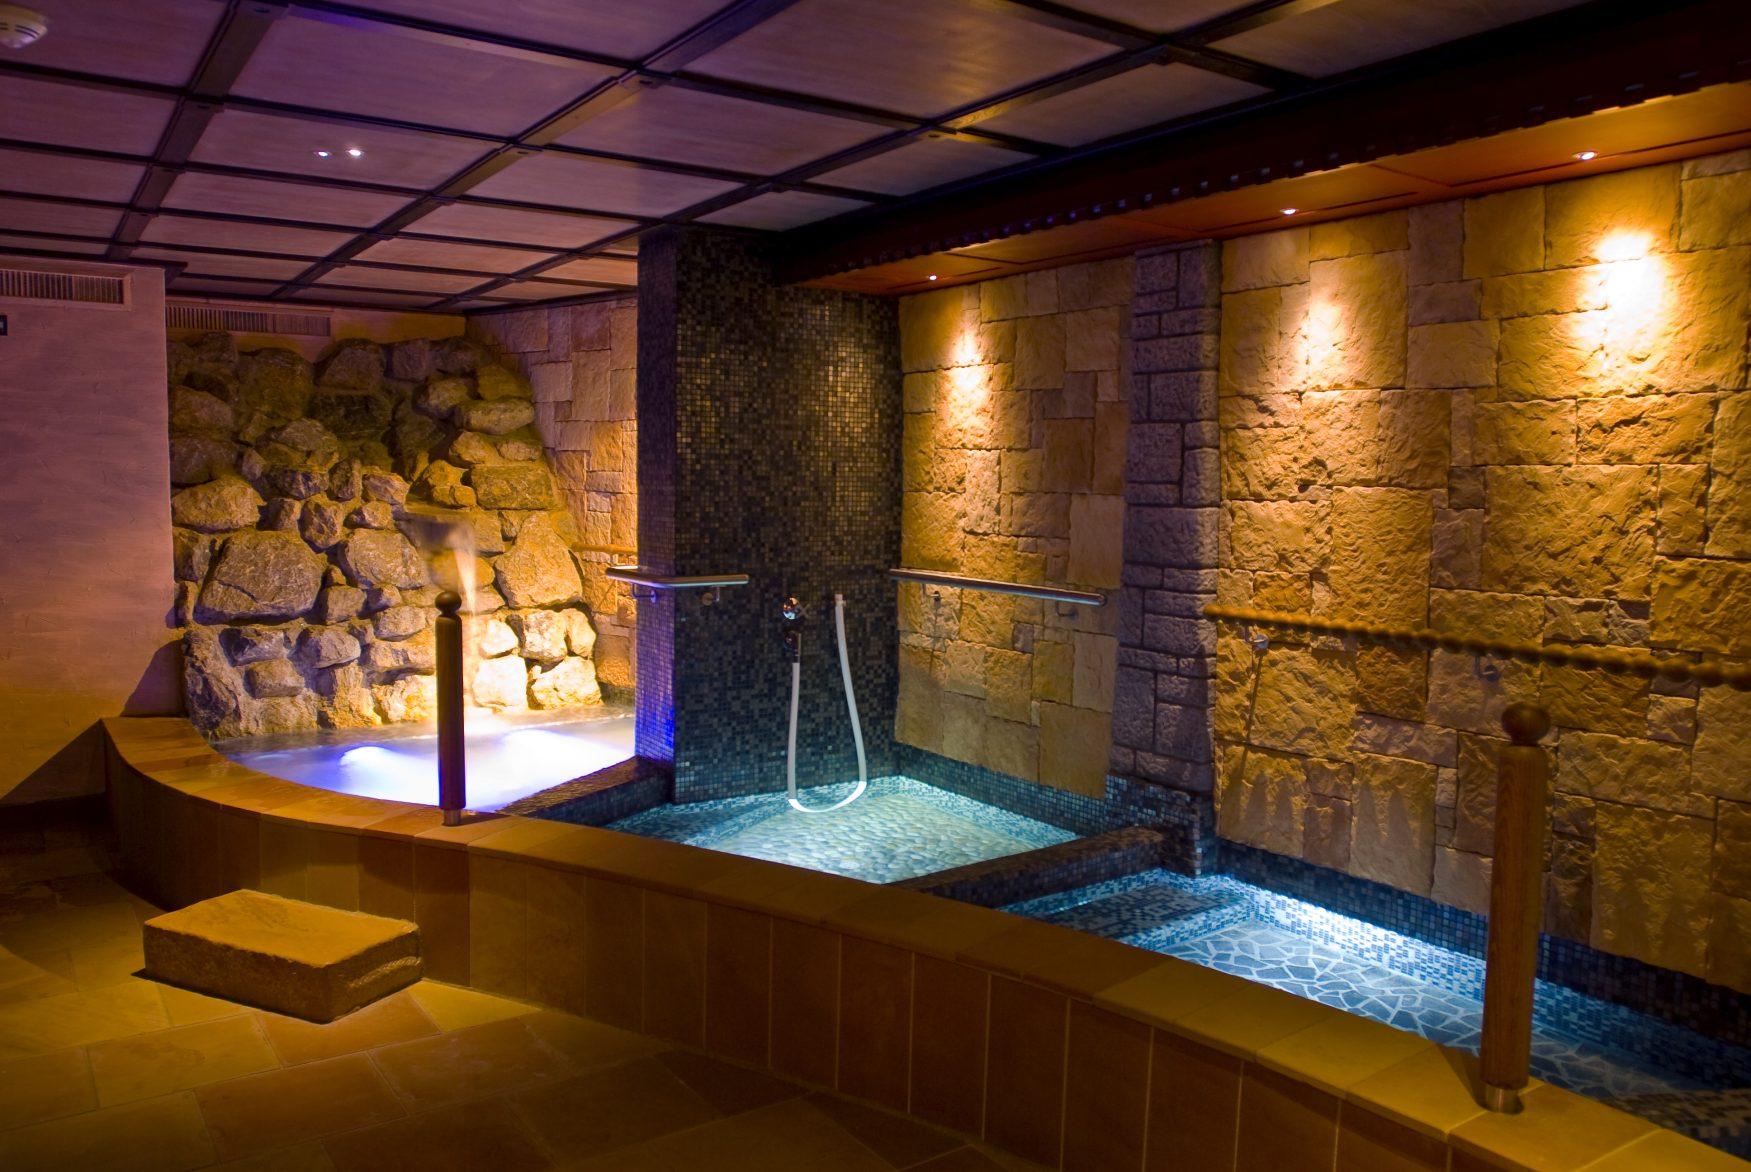 Die 7.000 qm große Wasser- und Saunawelt des 5-Sterne Wohlfühlhotels ist mit ihren fantasievollen Wasser-, Wärme- und Ruhezonen eine der vielfältigsten und exklusivsten in Österreich. Foto: PR/Posthotel